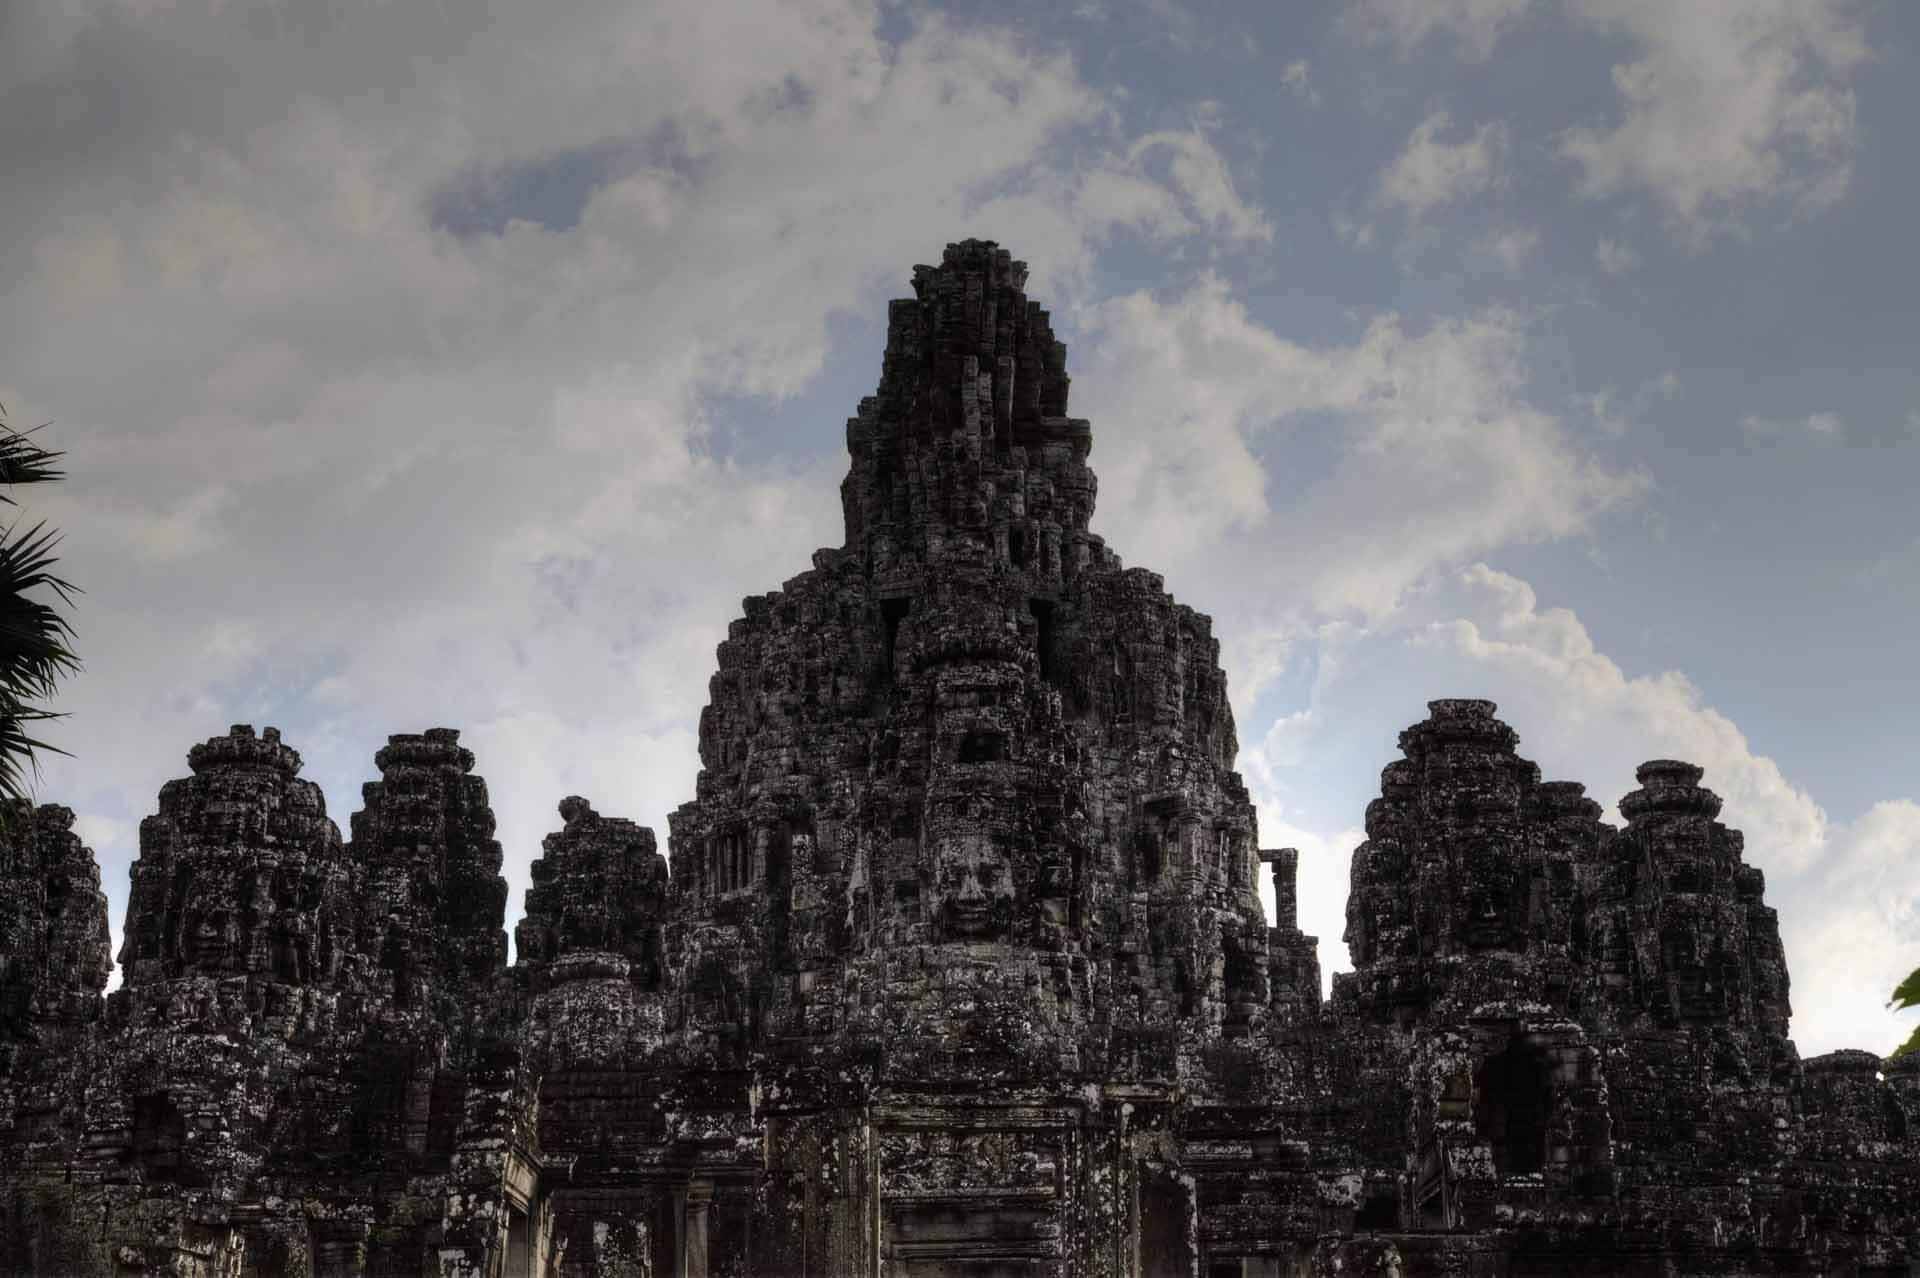 Die Türme des Bayon Tempel in Angkor Thom